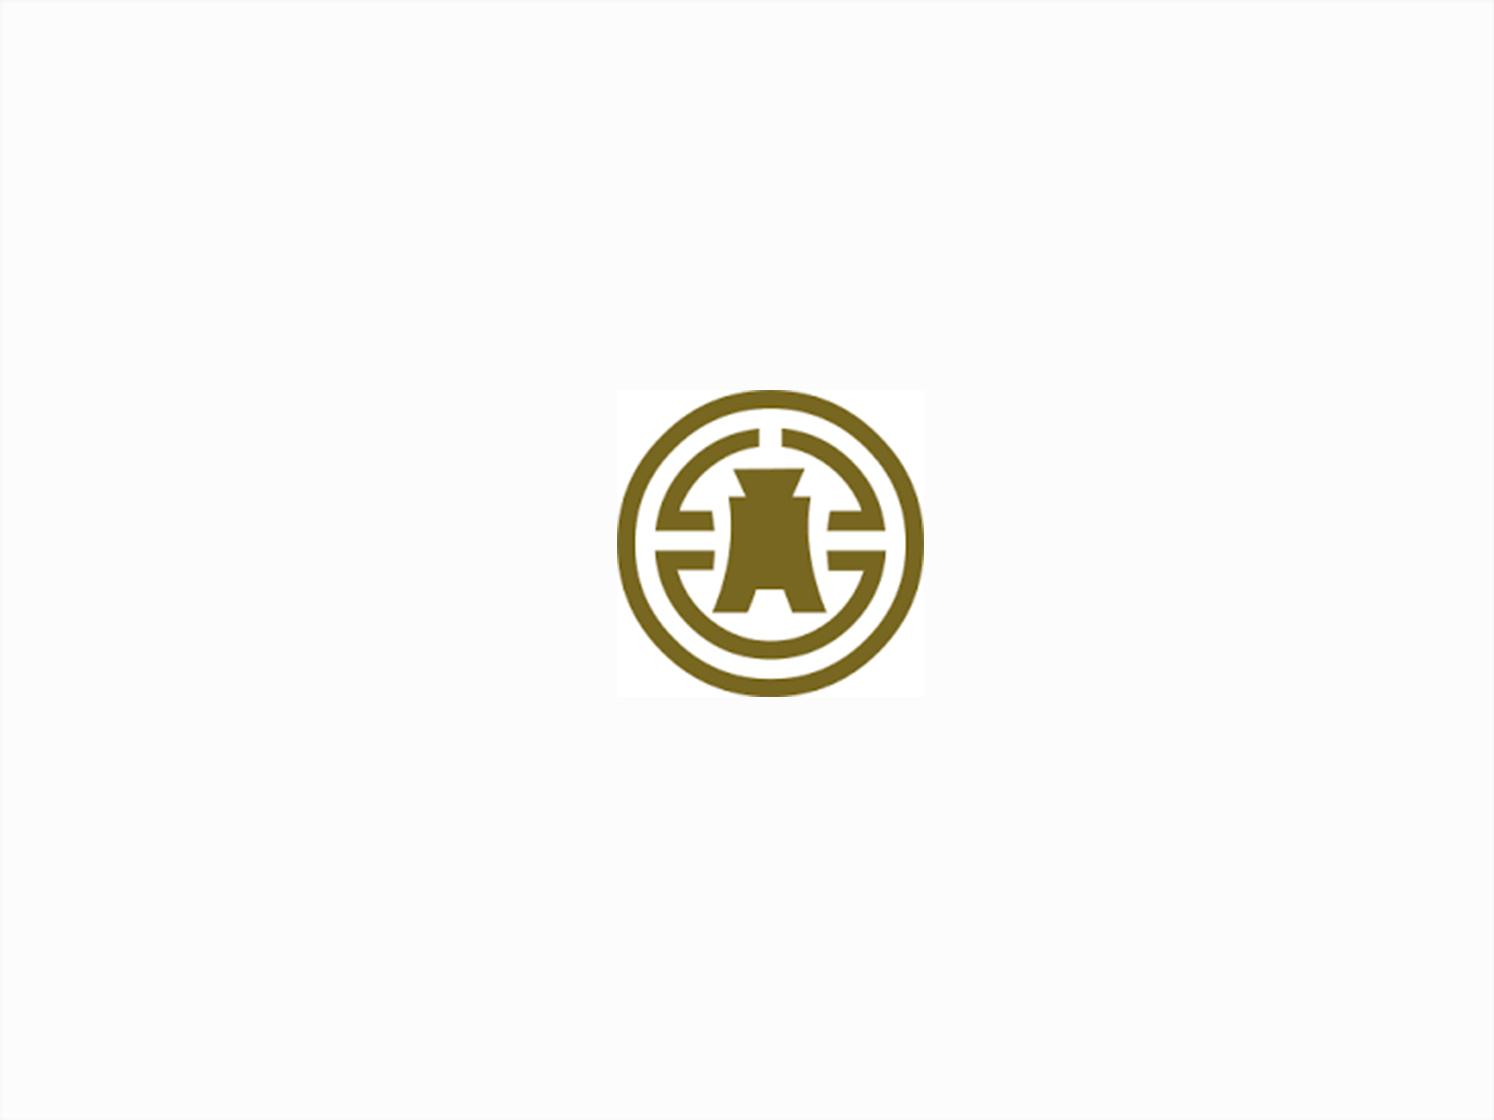 bankoftaiwan